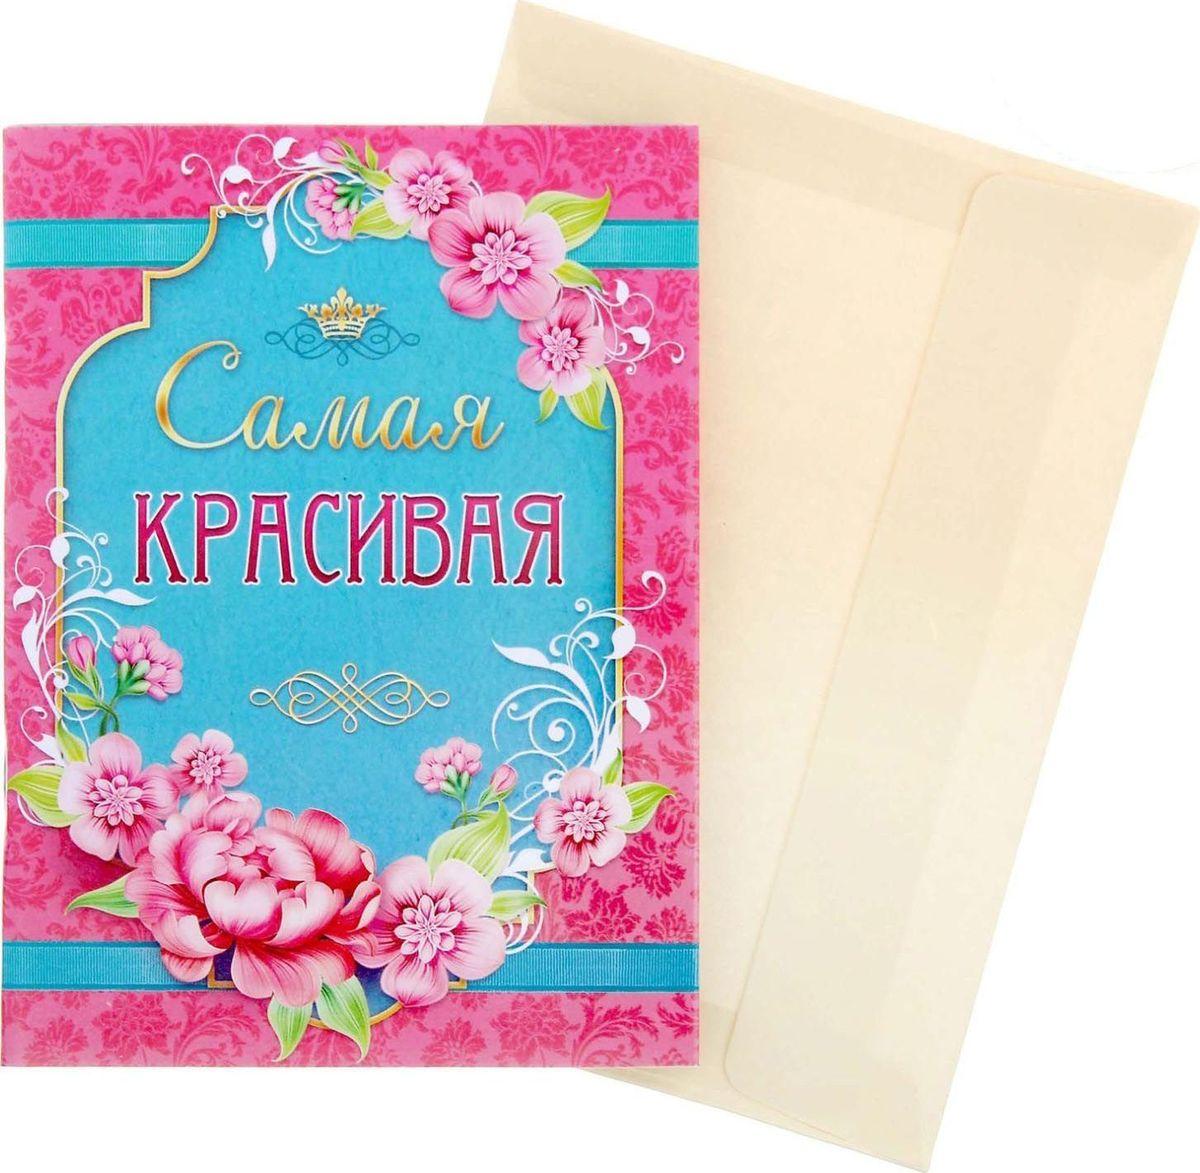 Блокнот-открытка Самая красивая 32 листа1104977Блокнот-открытка Самая красивая, 32 листа сочетает в себе красоту и практичность. Он содержит приятные пожелания от близких людей, а 32 дизайнерских листа с бархатной фактурой подарят отличное настроение владельцу. В отличие от обычной открытки, которая будет пылиться в шкафу, блокнотом приятно пользоваться! Изделие дополнено универсальным конвертом, подпишите его и вручите сувенир адресату на любой праздник.